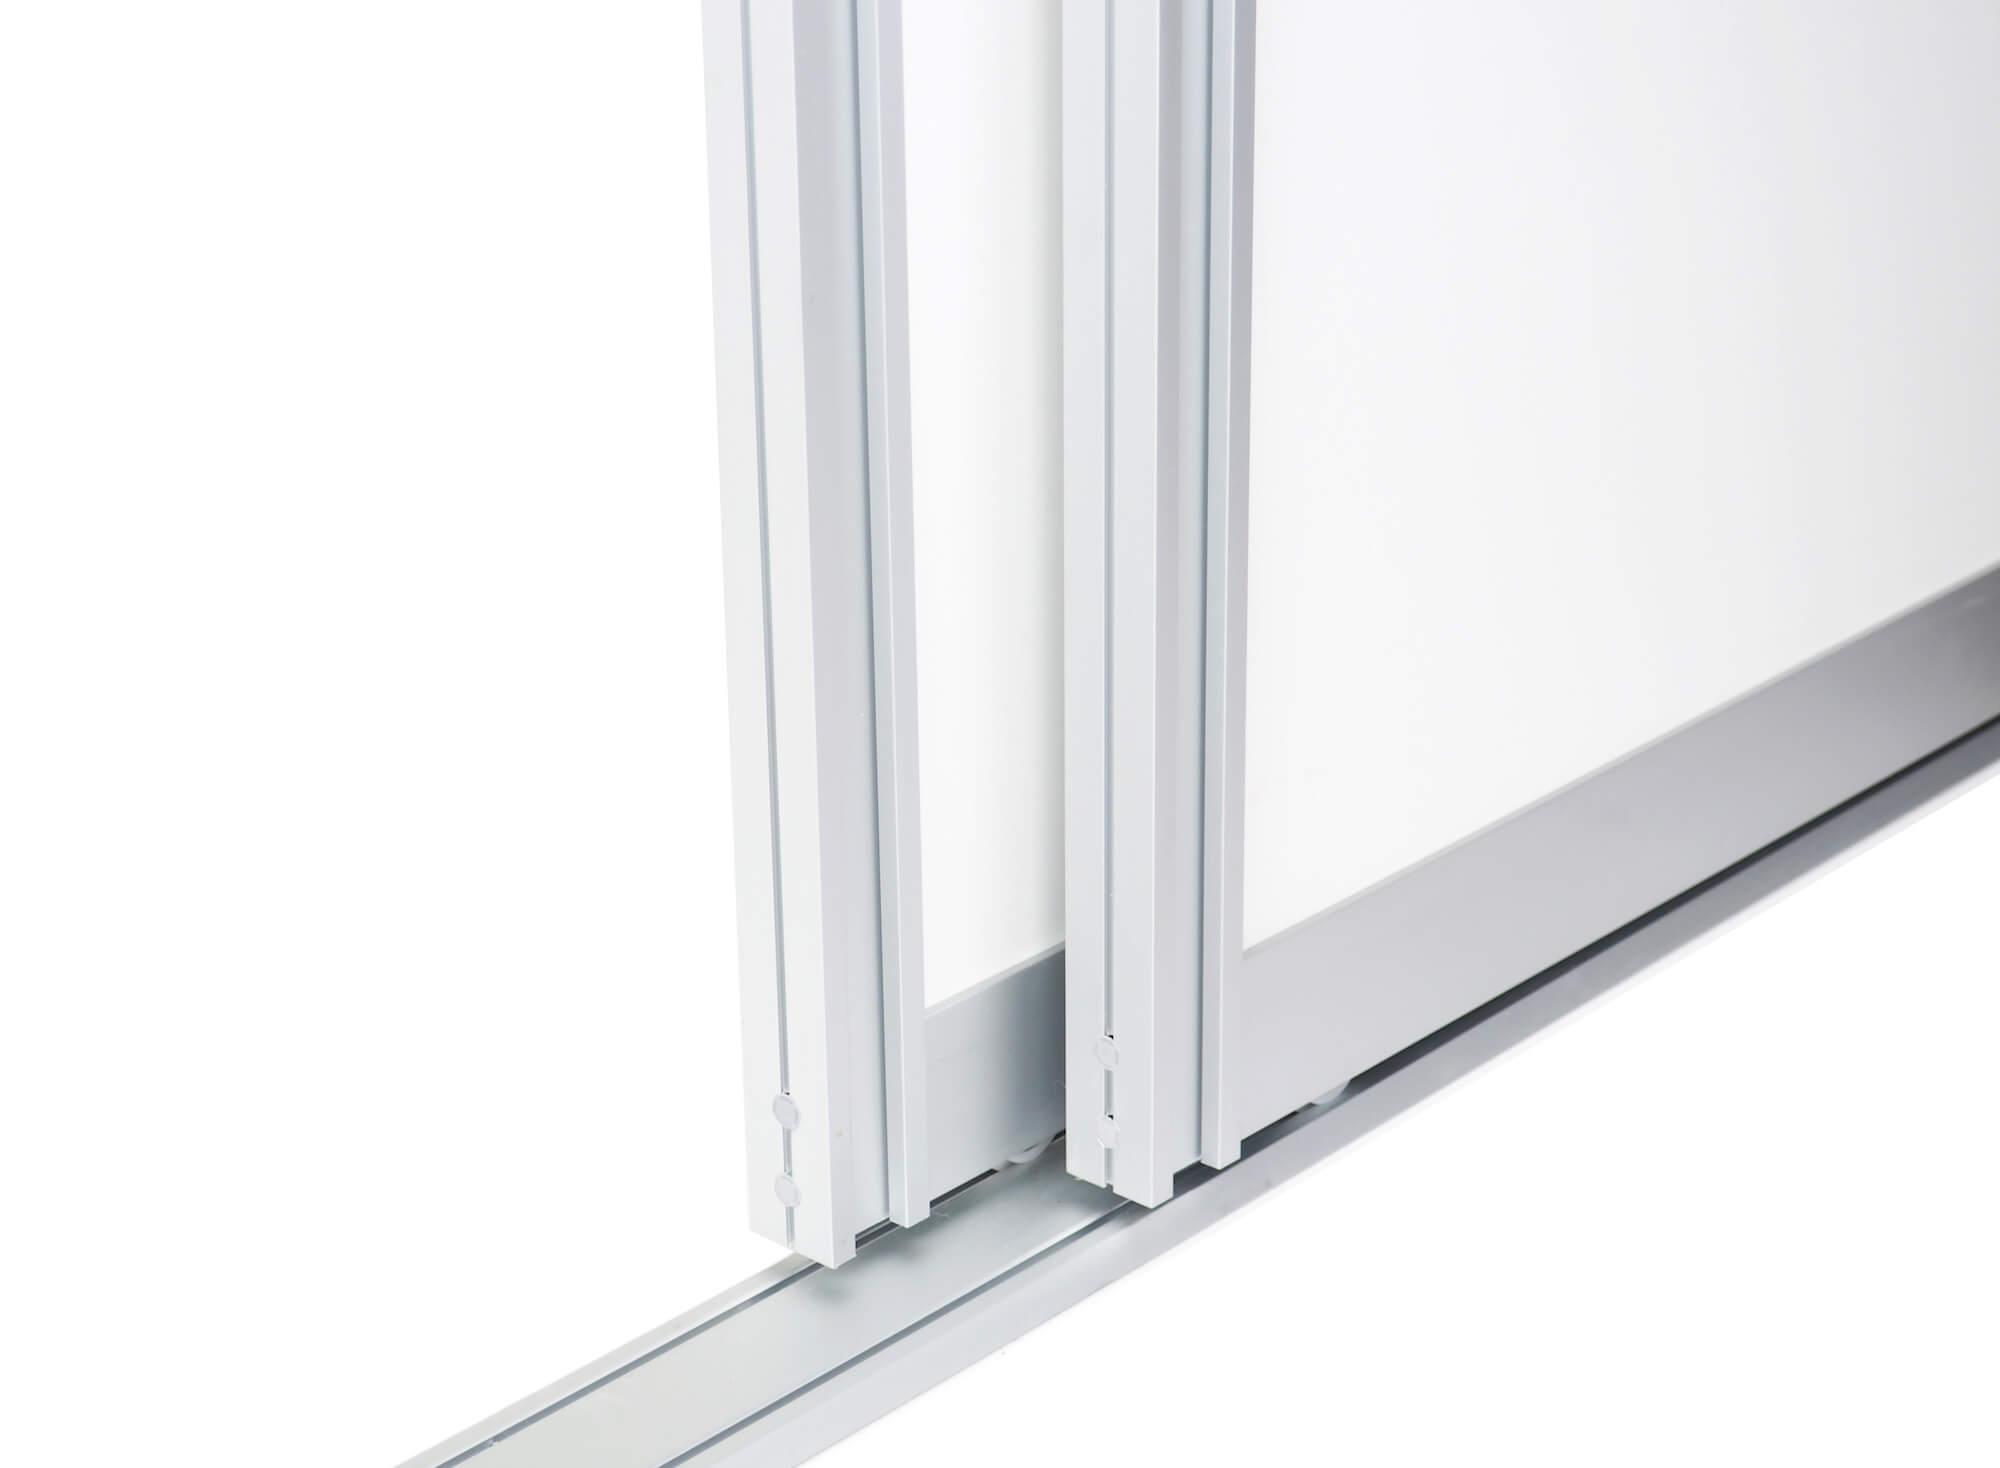 BS-Komfort mit Rahmentyp A|Aluminium-Schiebetür-Bausatz Bodensystem für Schranktüren/Raumteiler